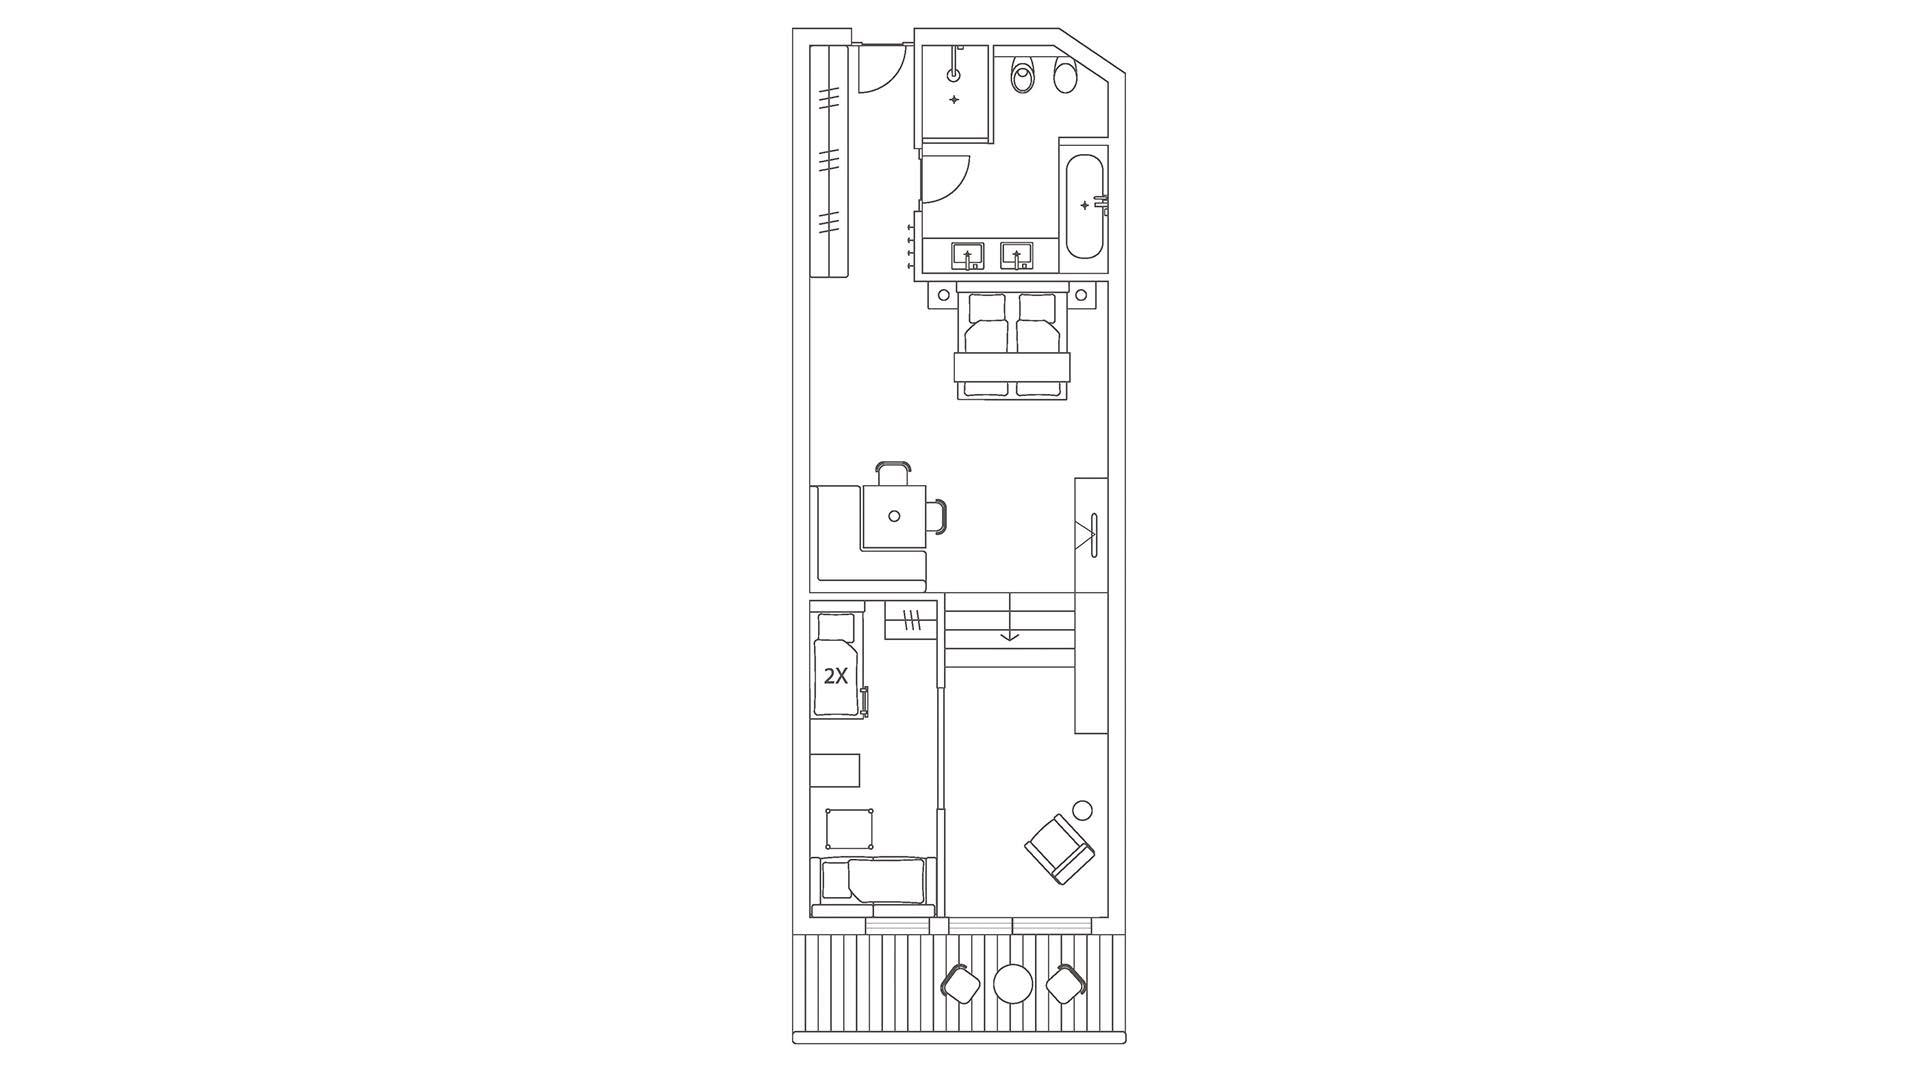 5_Doppelzimmer-STERN-35qm_0034_GR_Suite_Fiss_(2).jpg